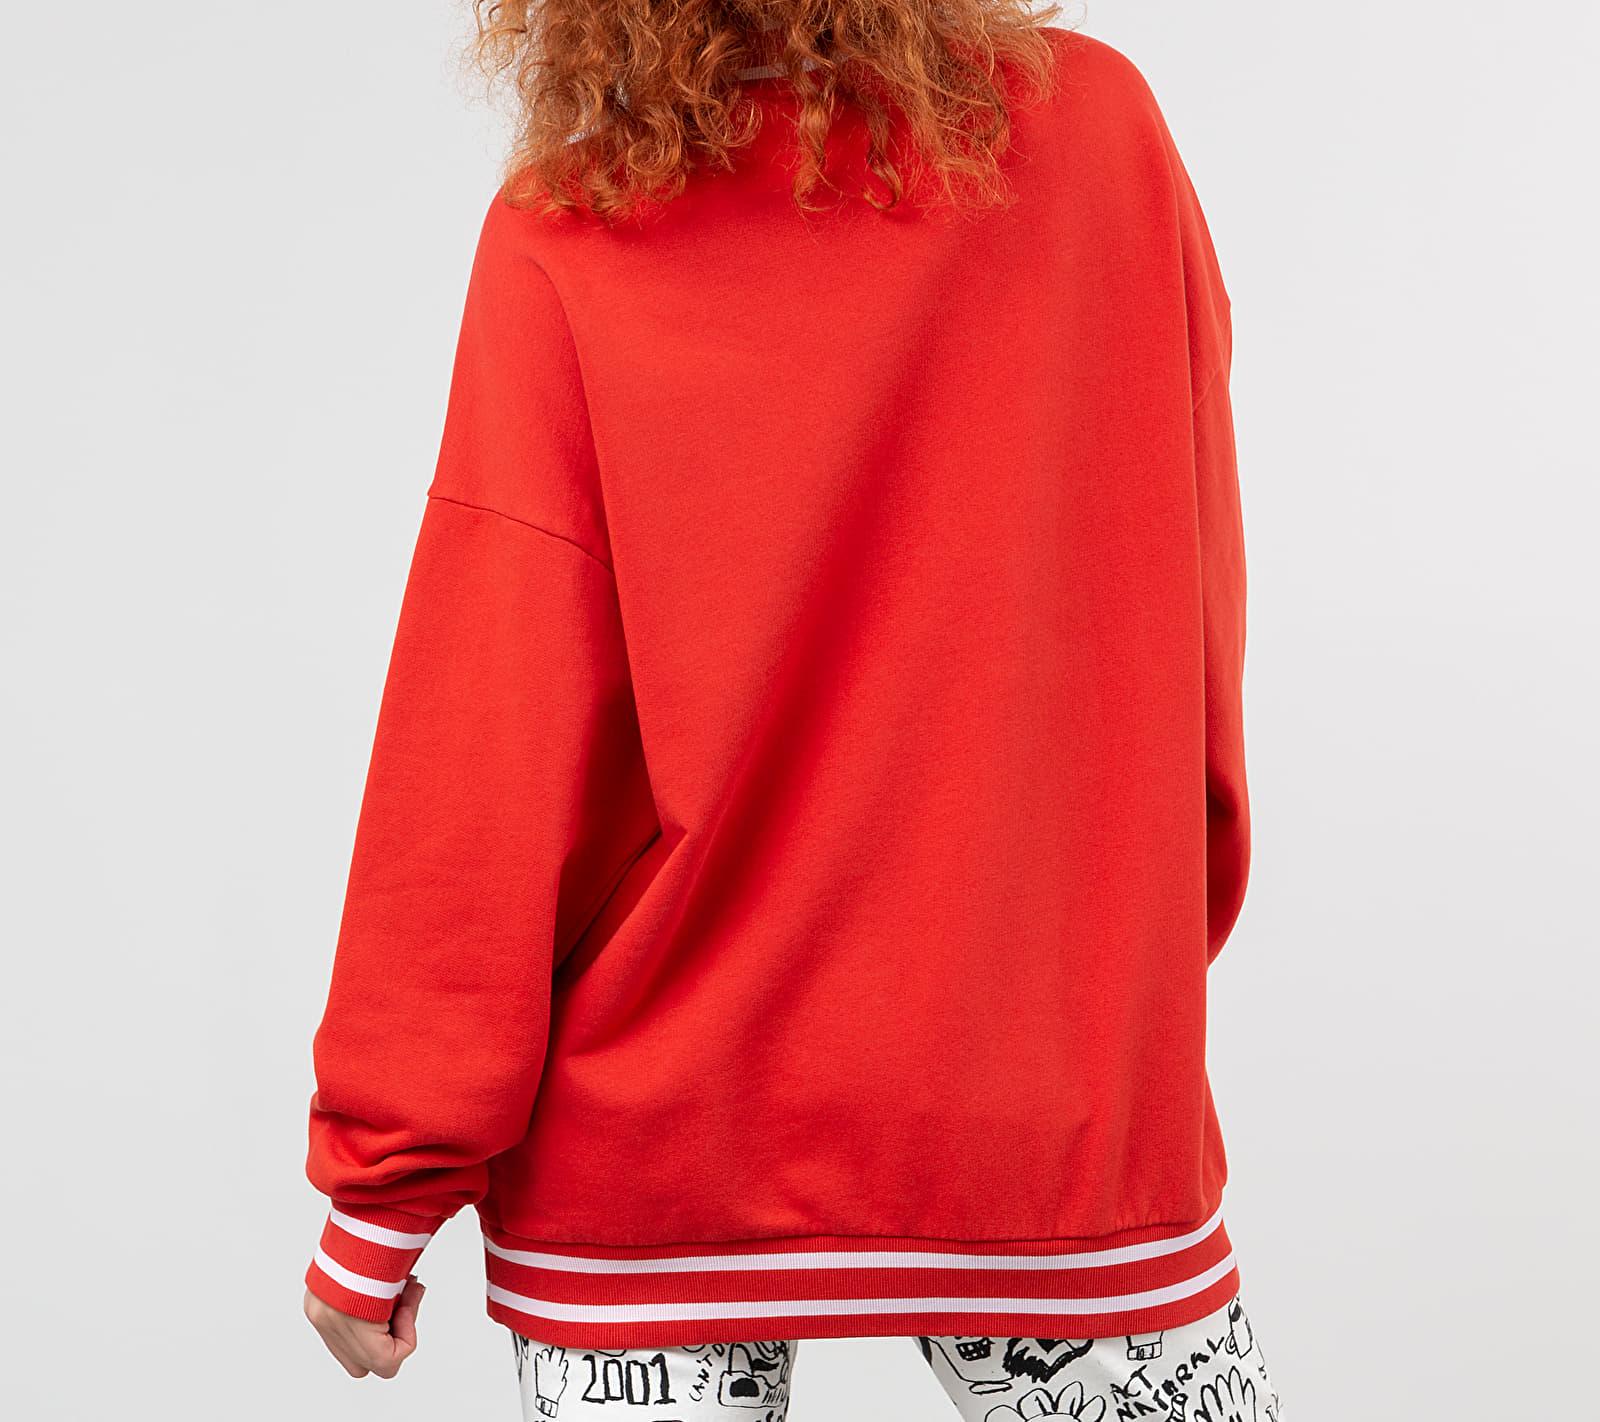 Lazy Oaf x Peanuts Lazy Holiday Sweatshirt Red